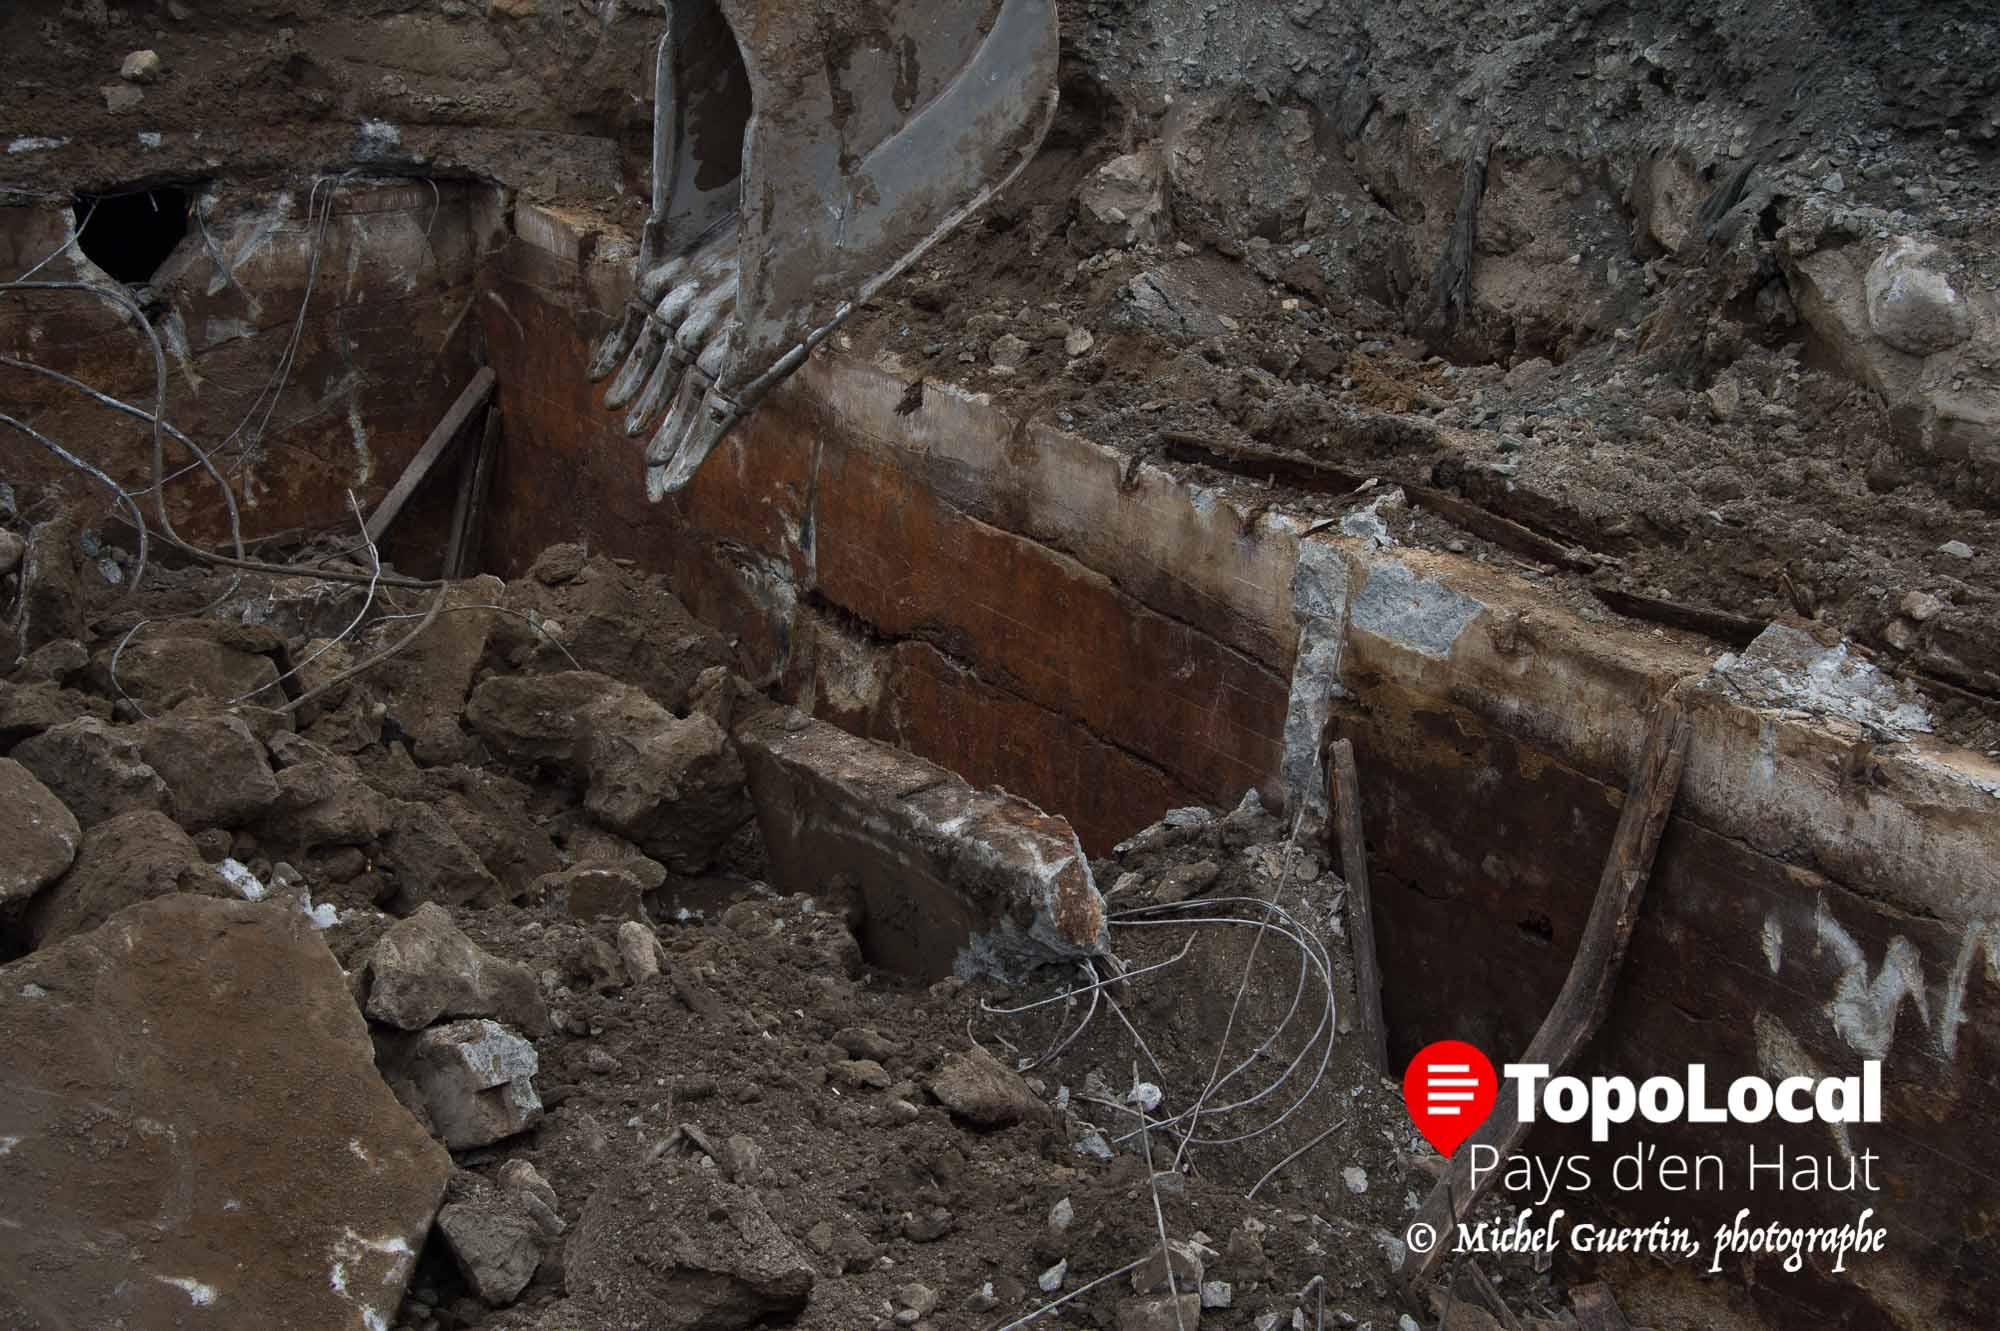 20160324-sainte-adele-trou-travaux-publics-reservoirs-sceptiques-2